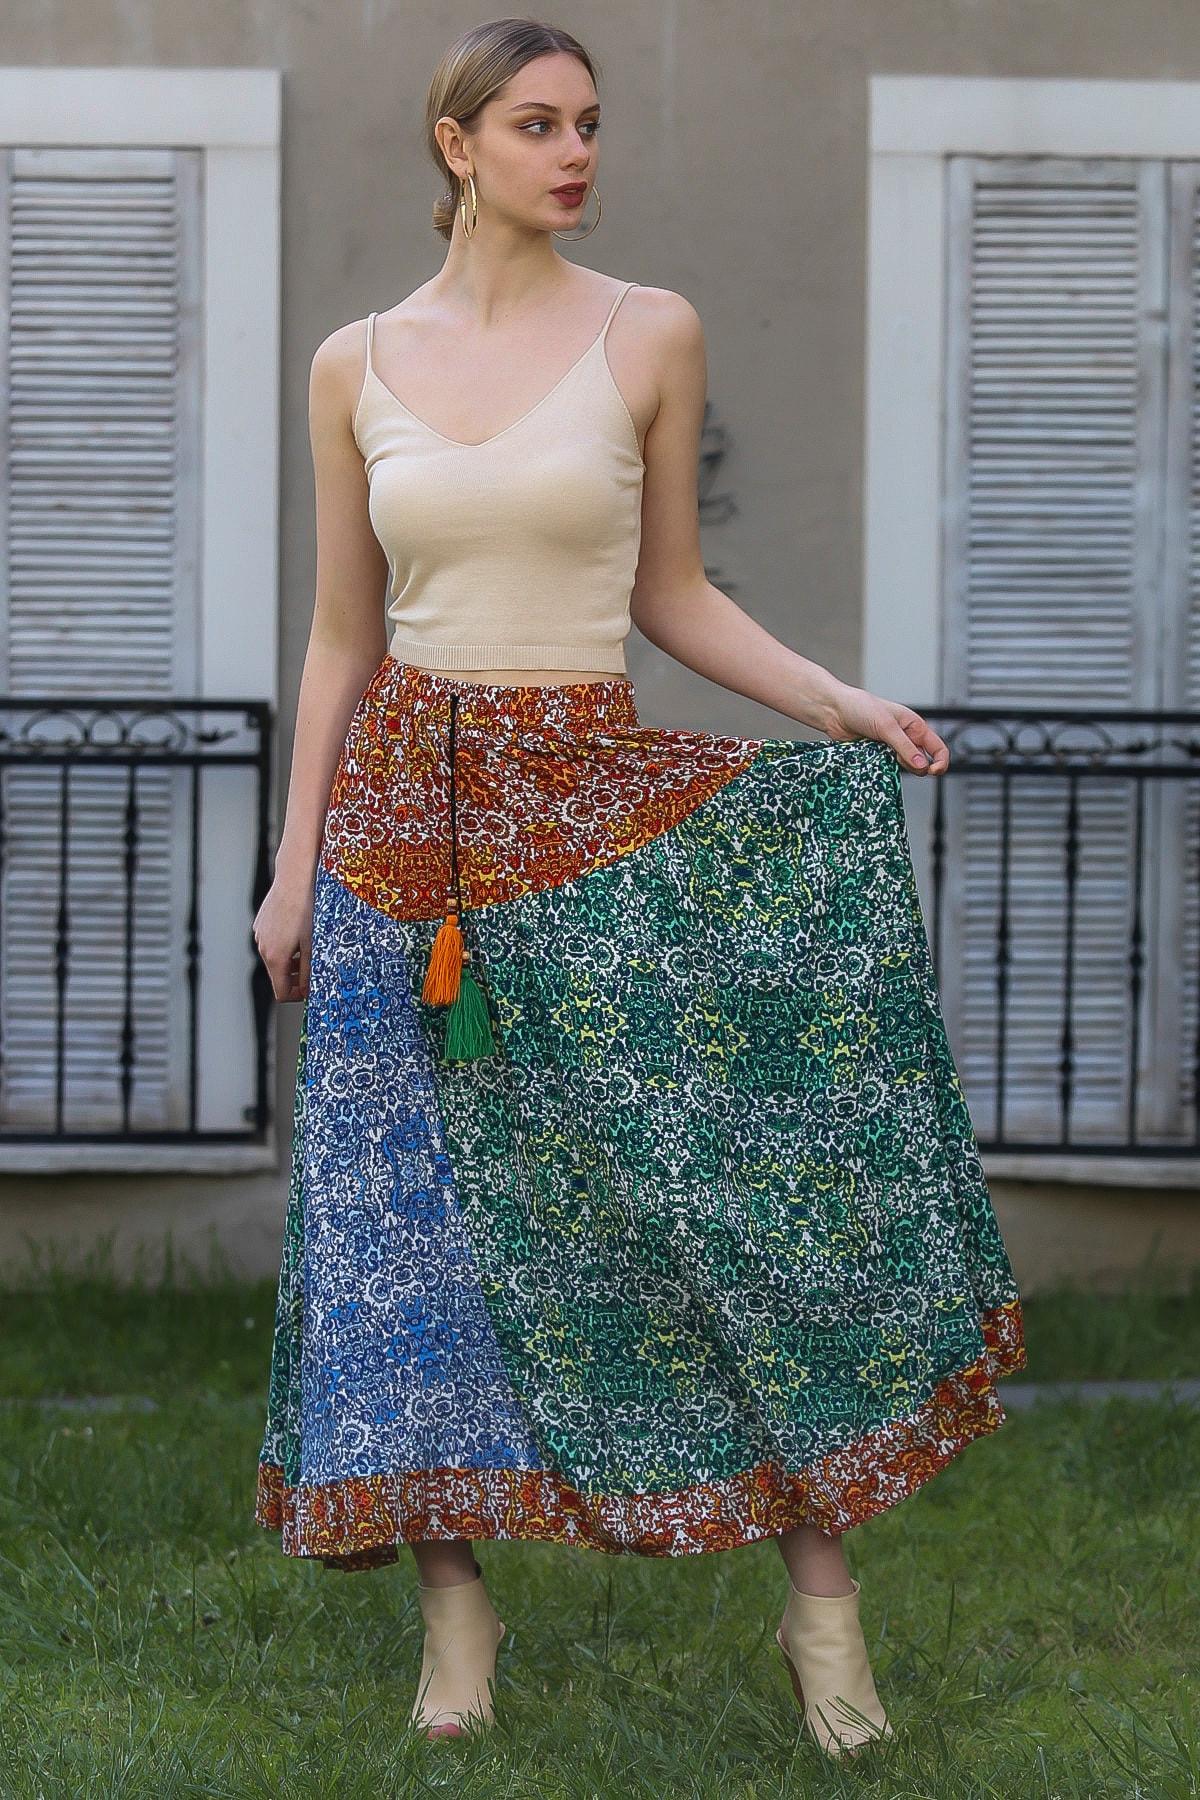 Chiccy Kadın Kiremit-Yeşil Çıtır Çiçek Desenli Kiremit Mavi Yeşil Bloklu Kloş Uzun Etek M10110000ET99252 0